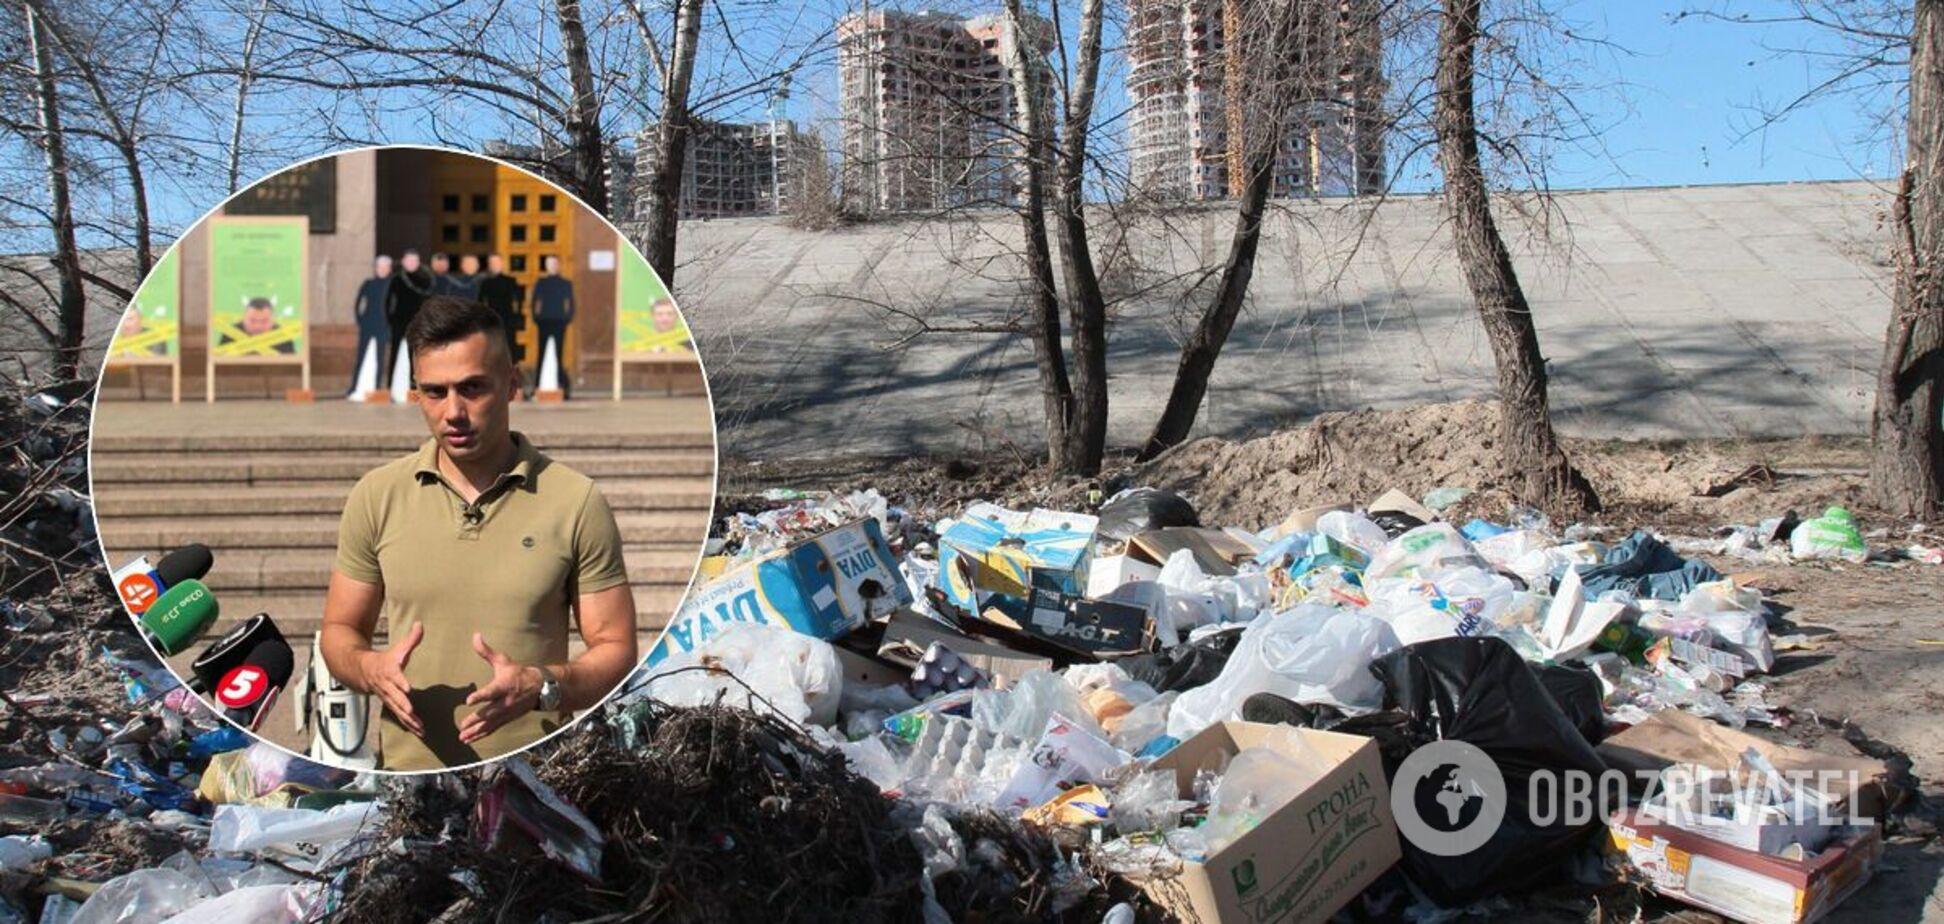 'Экологическая альтернатива' задумала спасти Киев от мусора и представила план